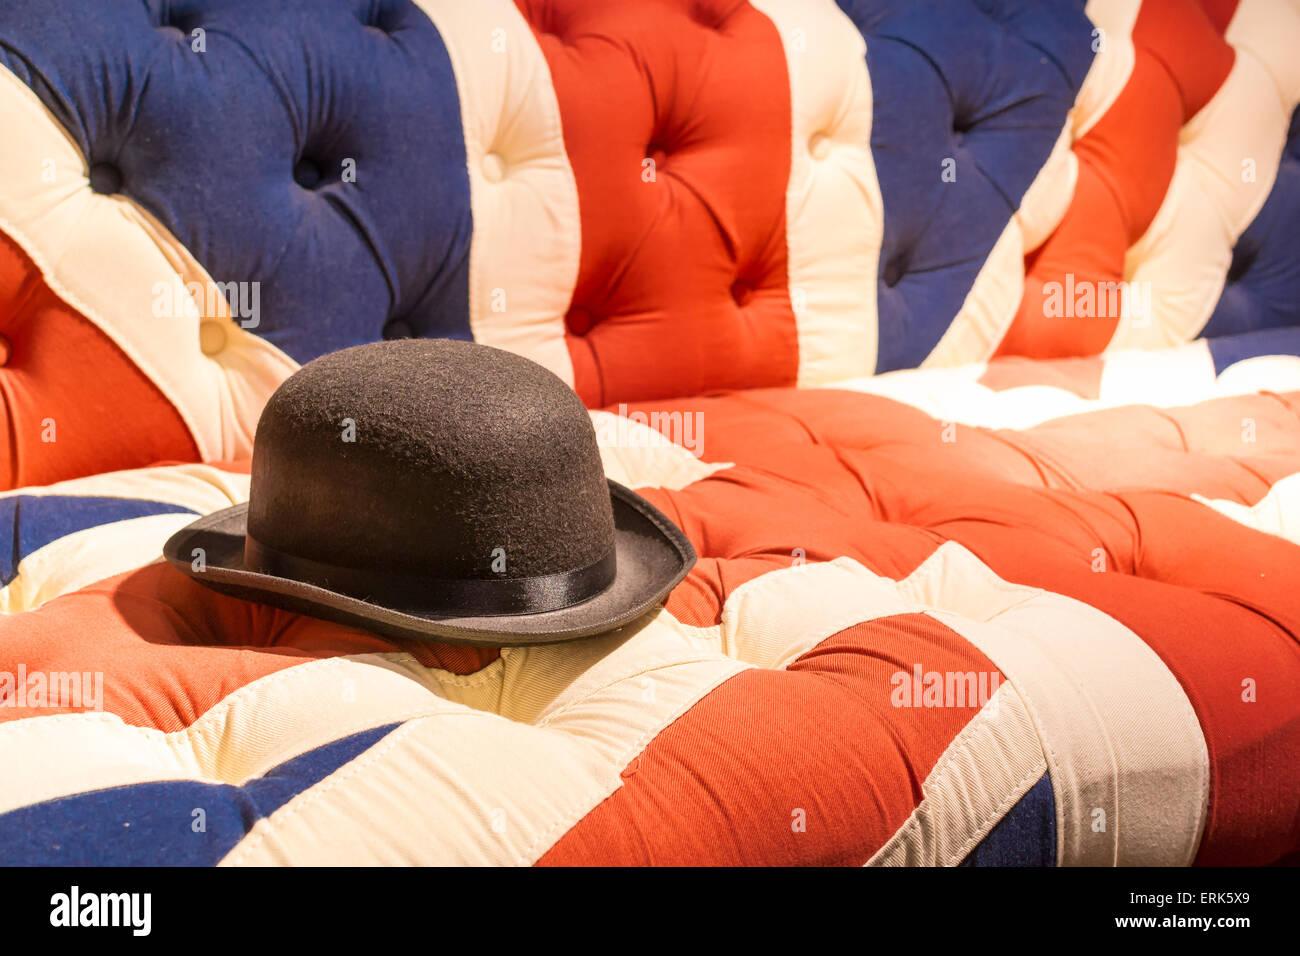 Union Jack Flag style modern cushioned sofa with black felt bowler hat - Stock Image